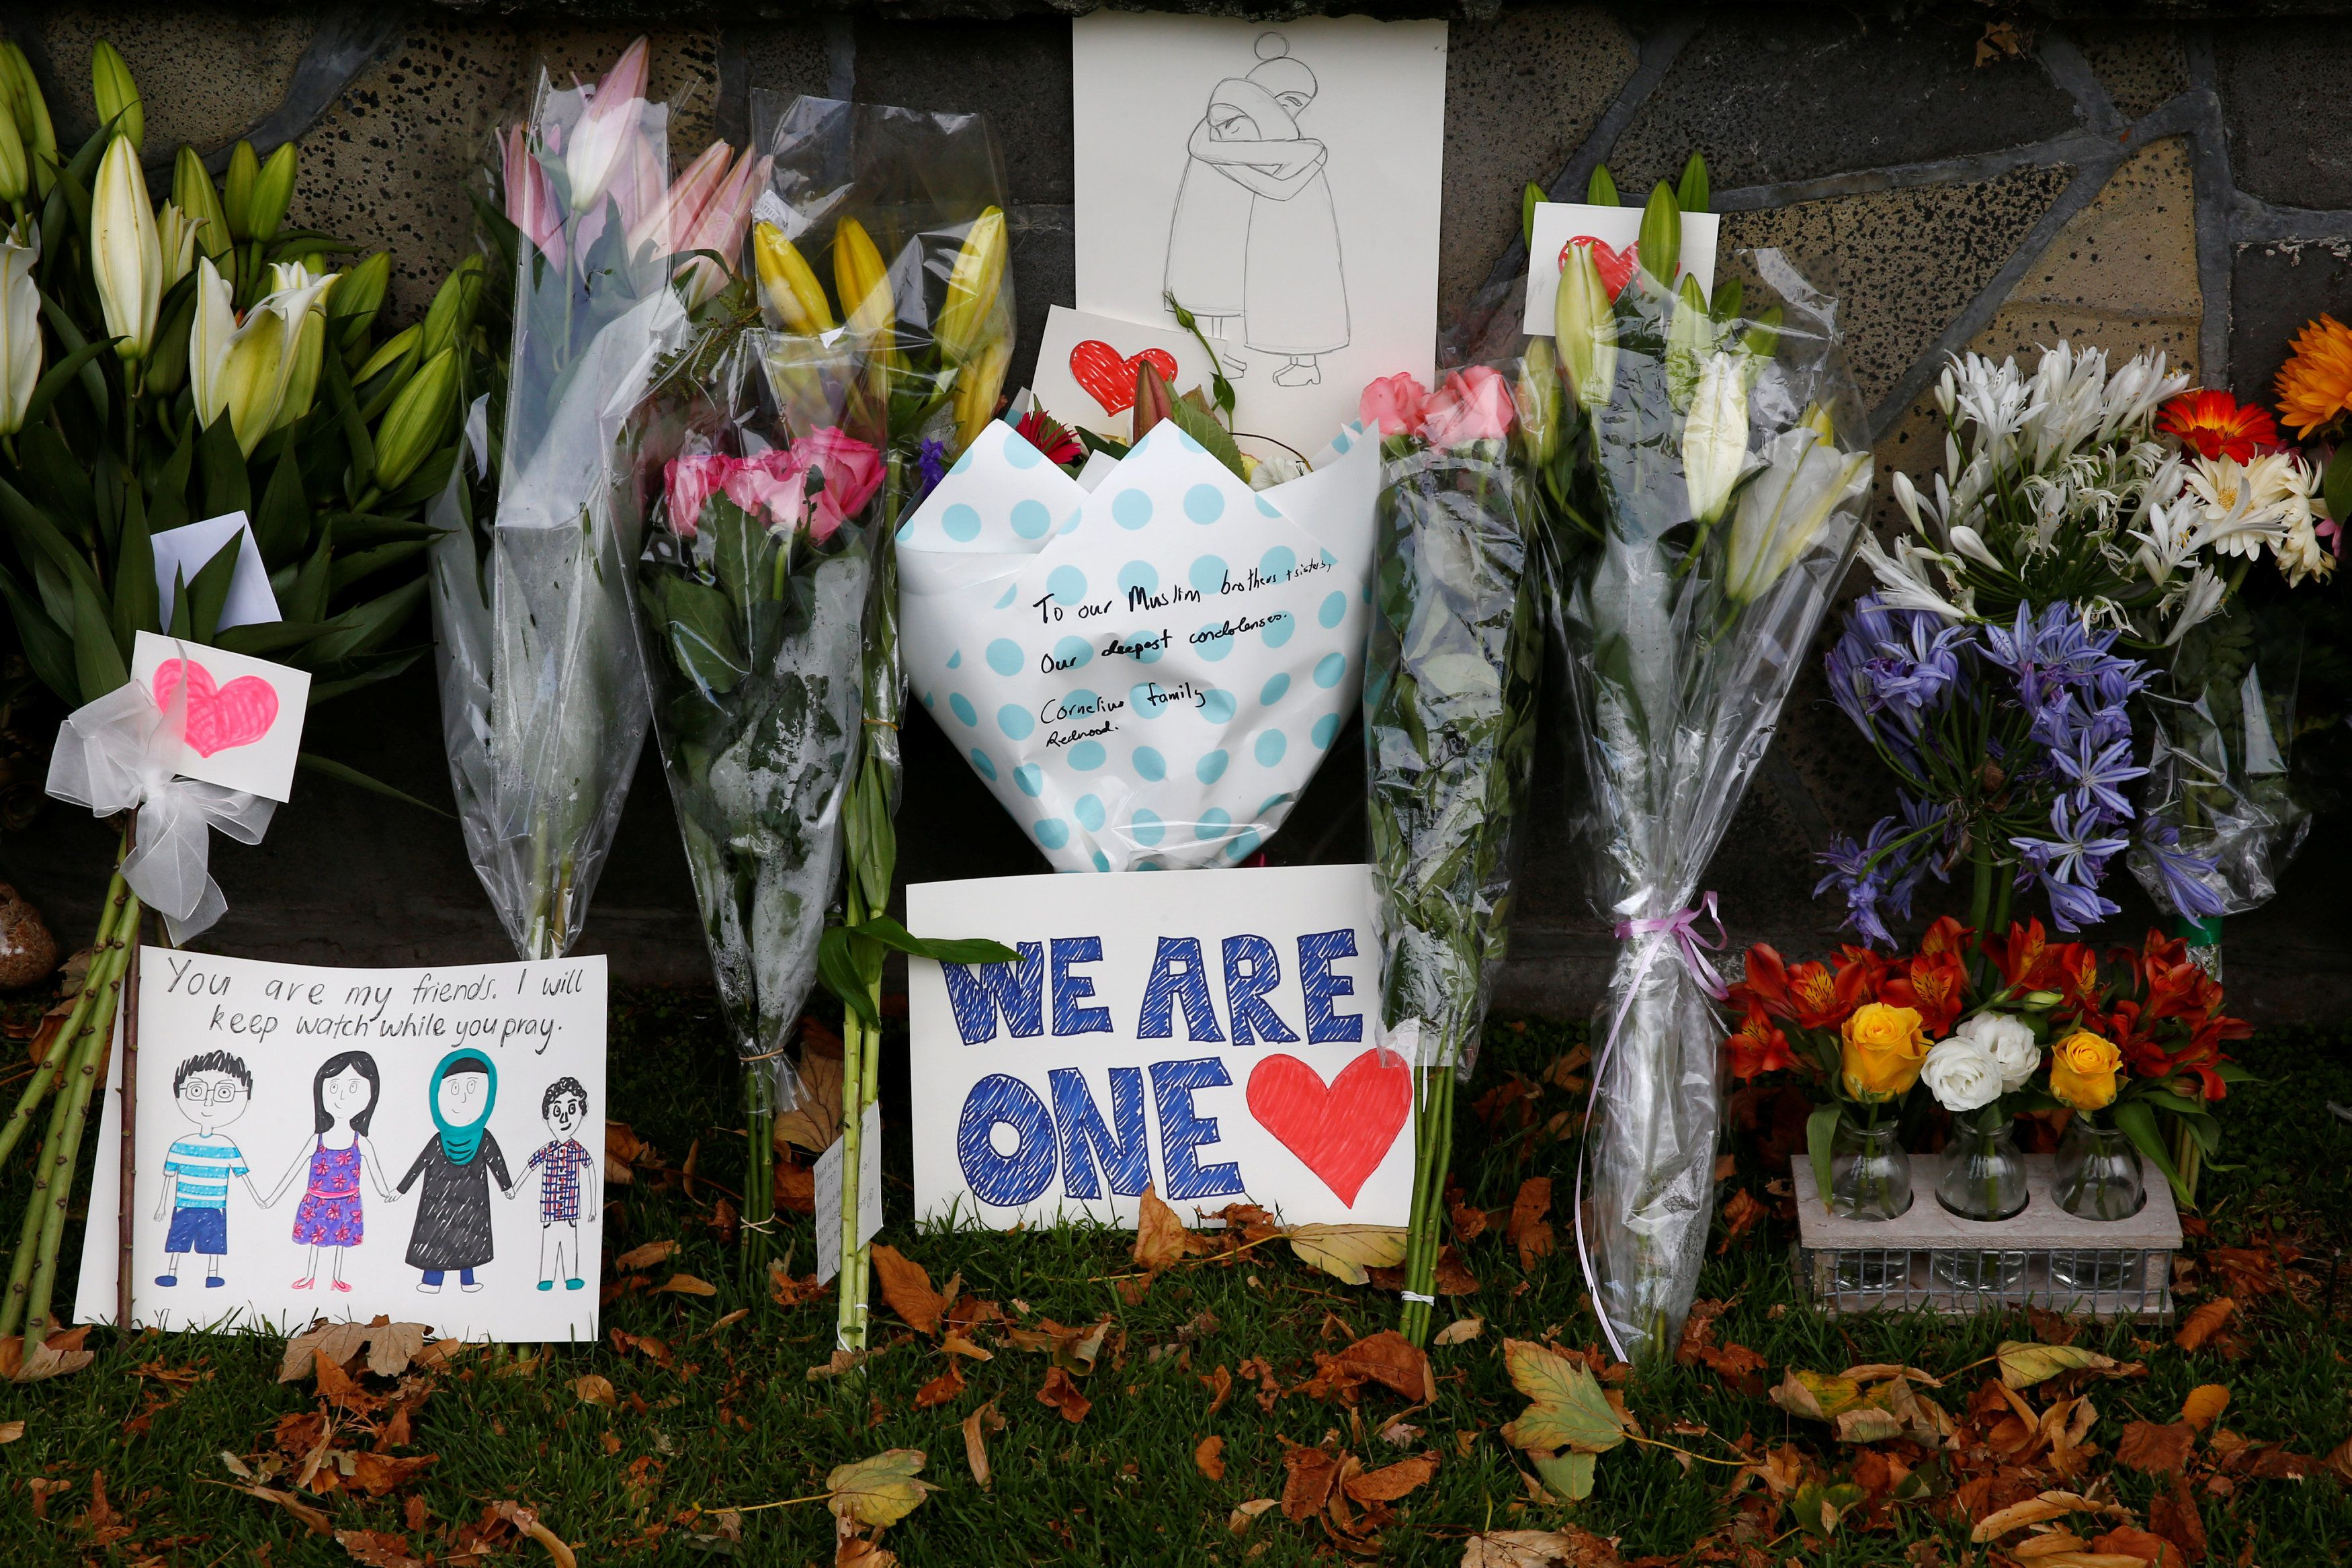 뉴질랜드 총기난사 테러희생자를 향한 애도가 이어지고